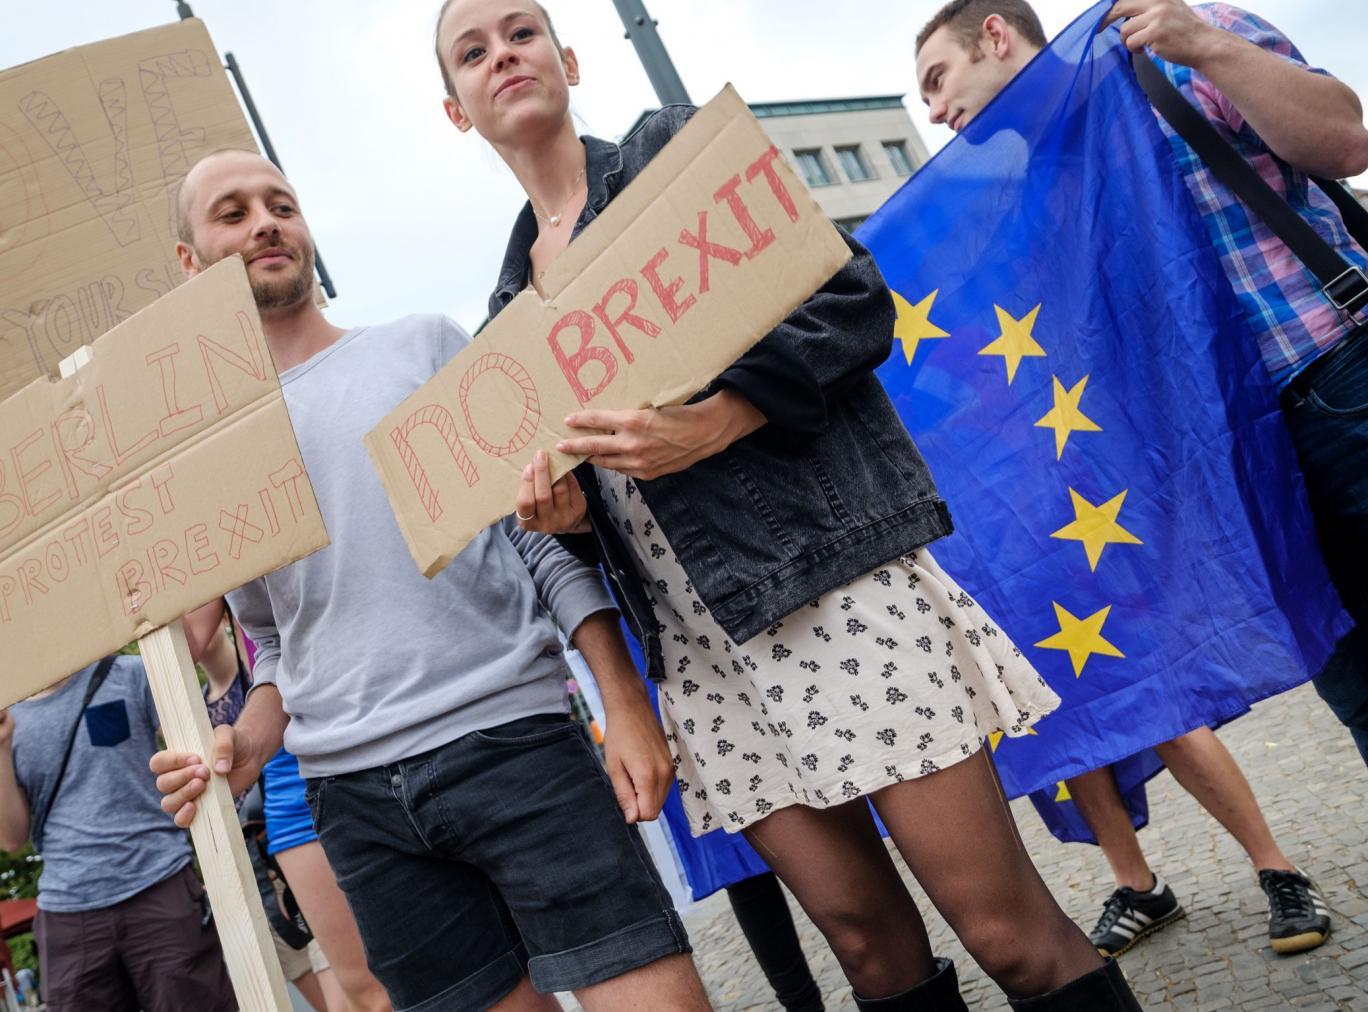 british-expats-eu-protest-eu-citizenship